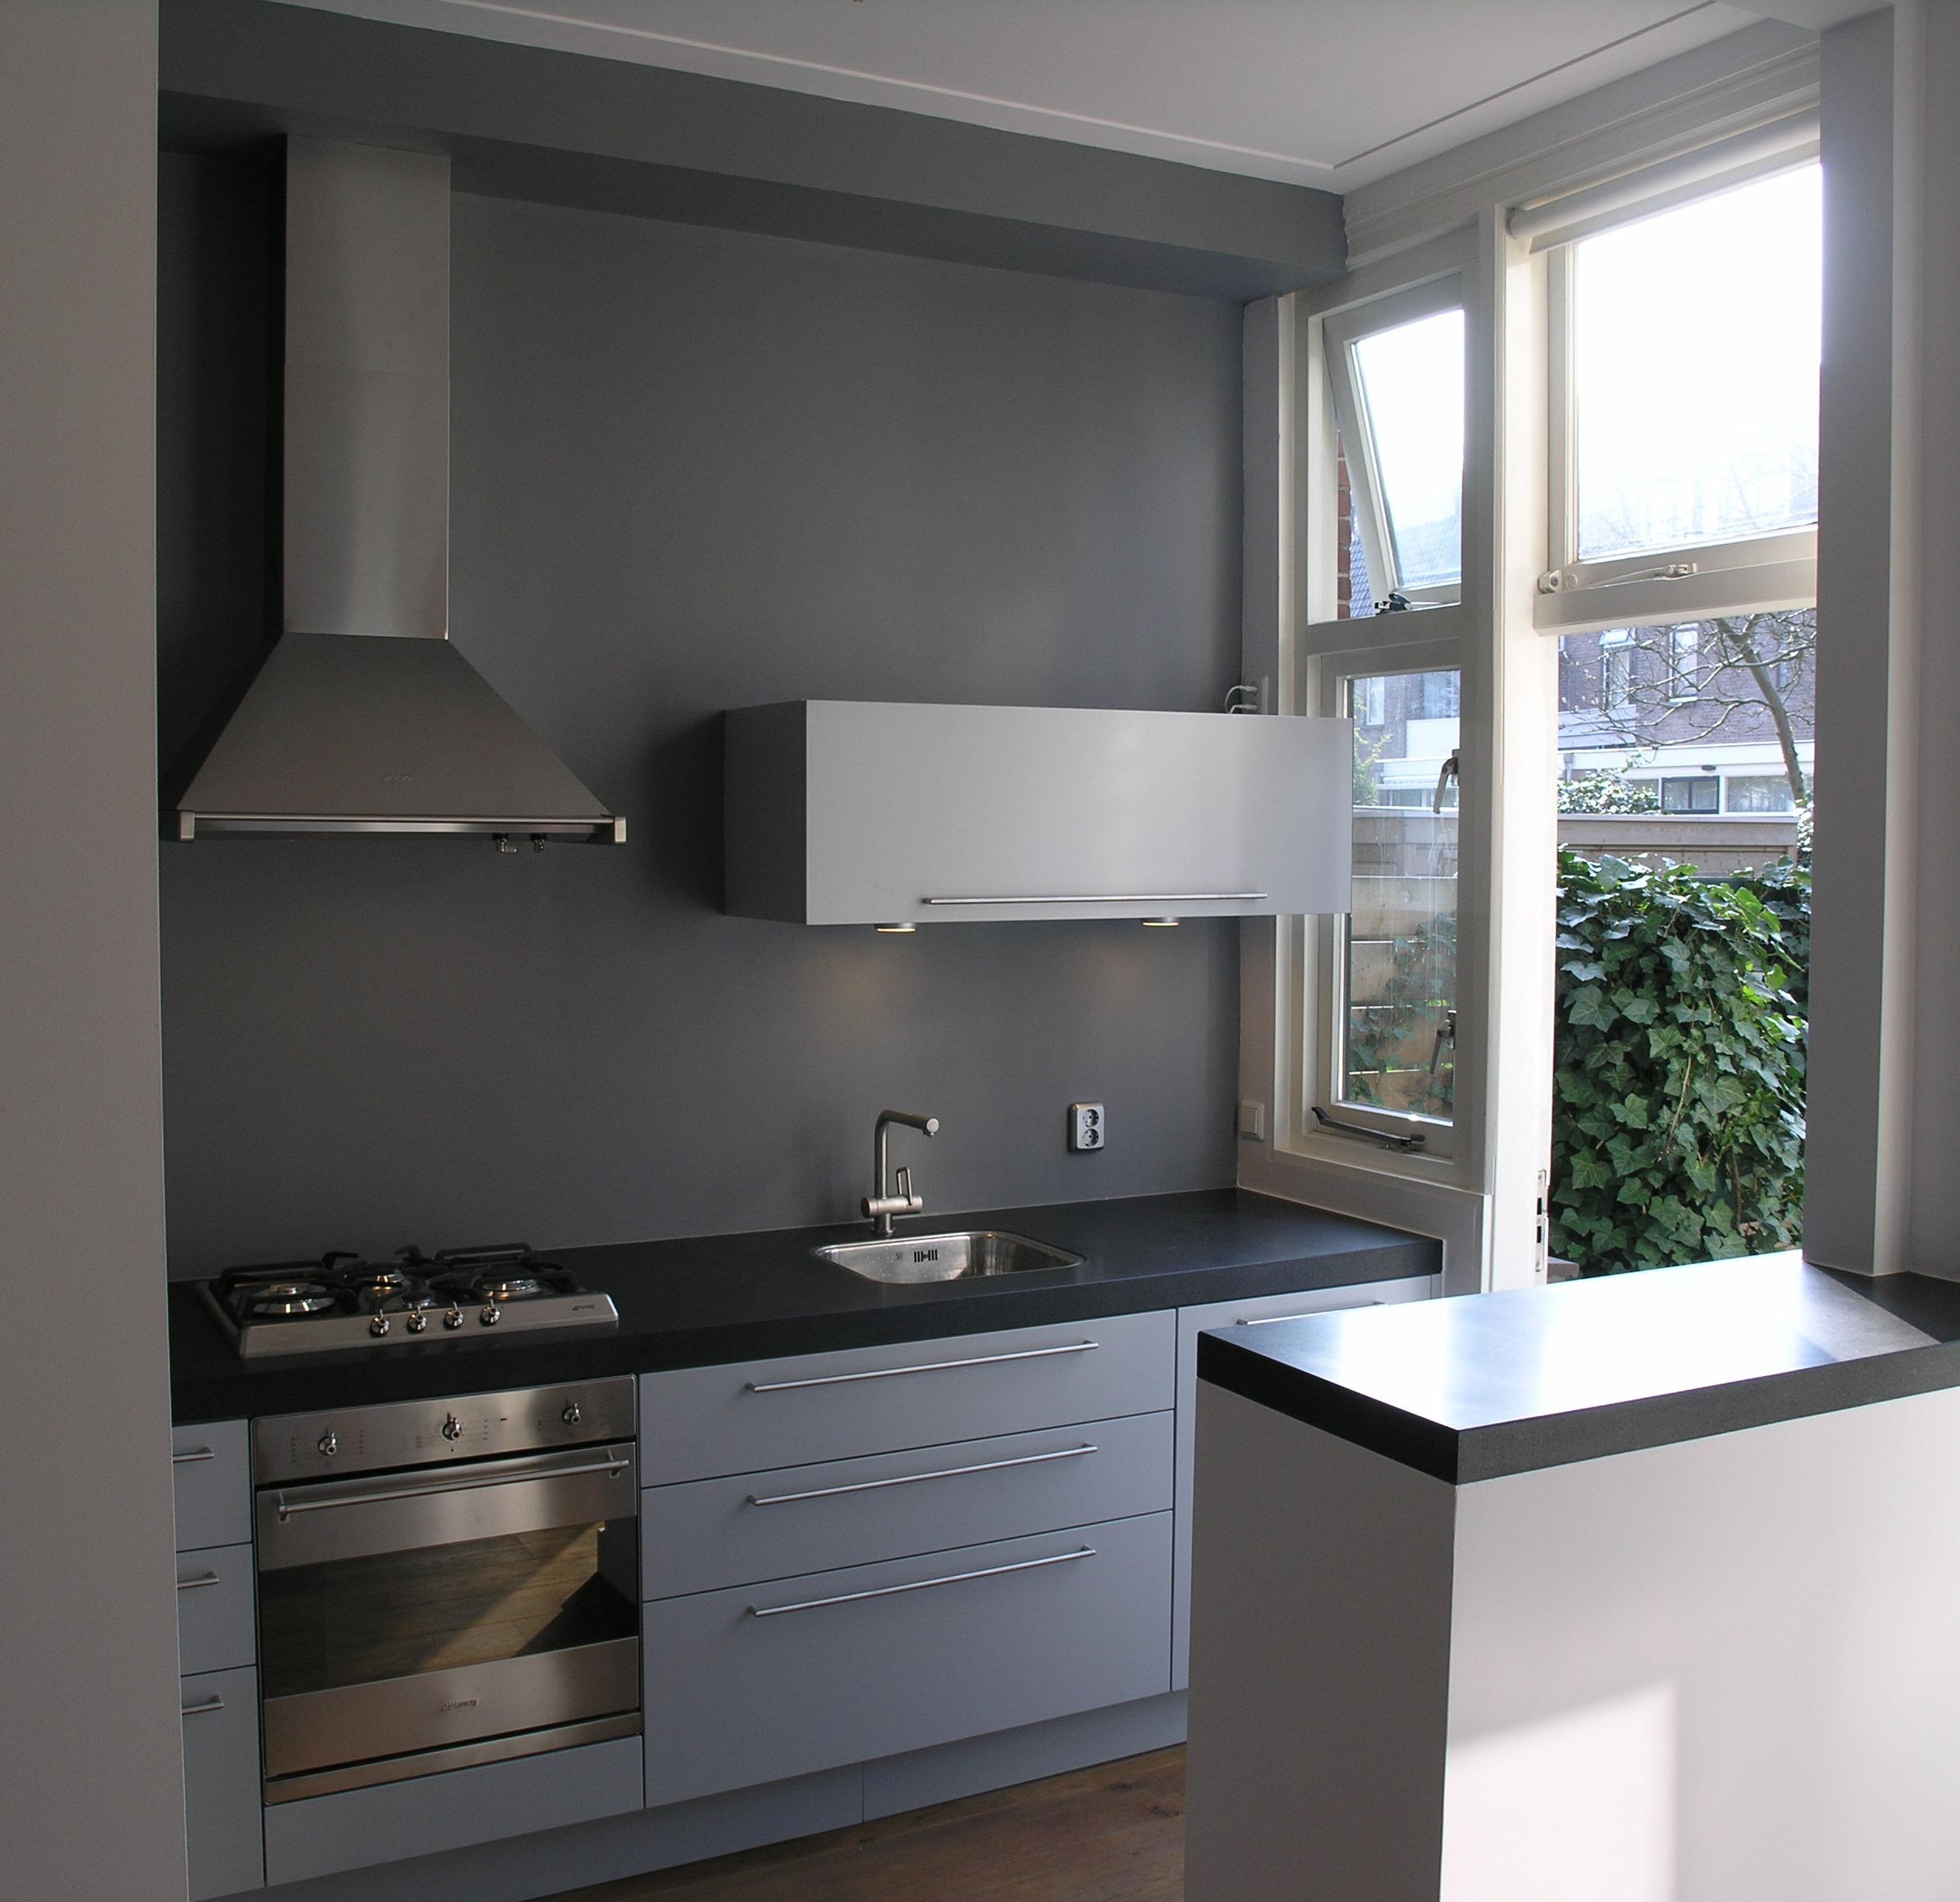 Art Design Keuken : Alles is mogelijk kijk ook eens bij rvs keukens of ...